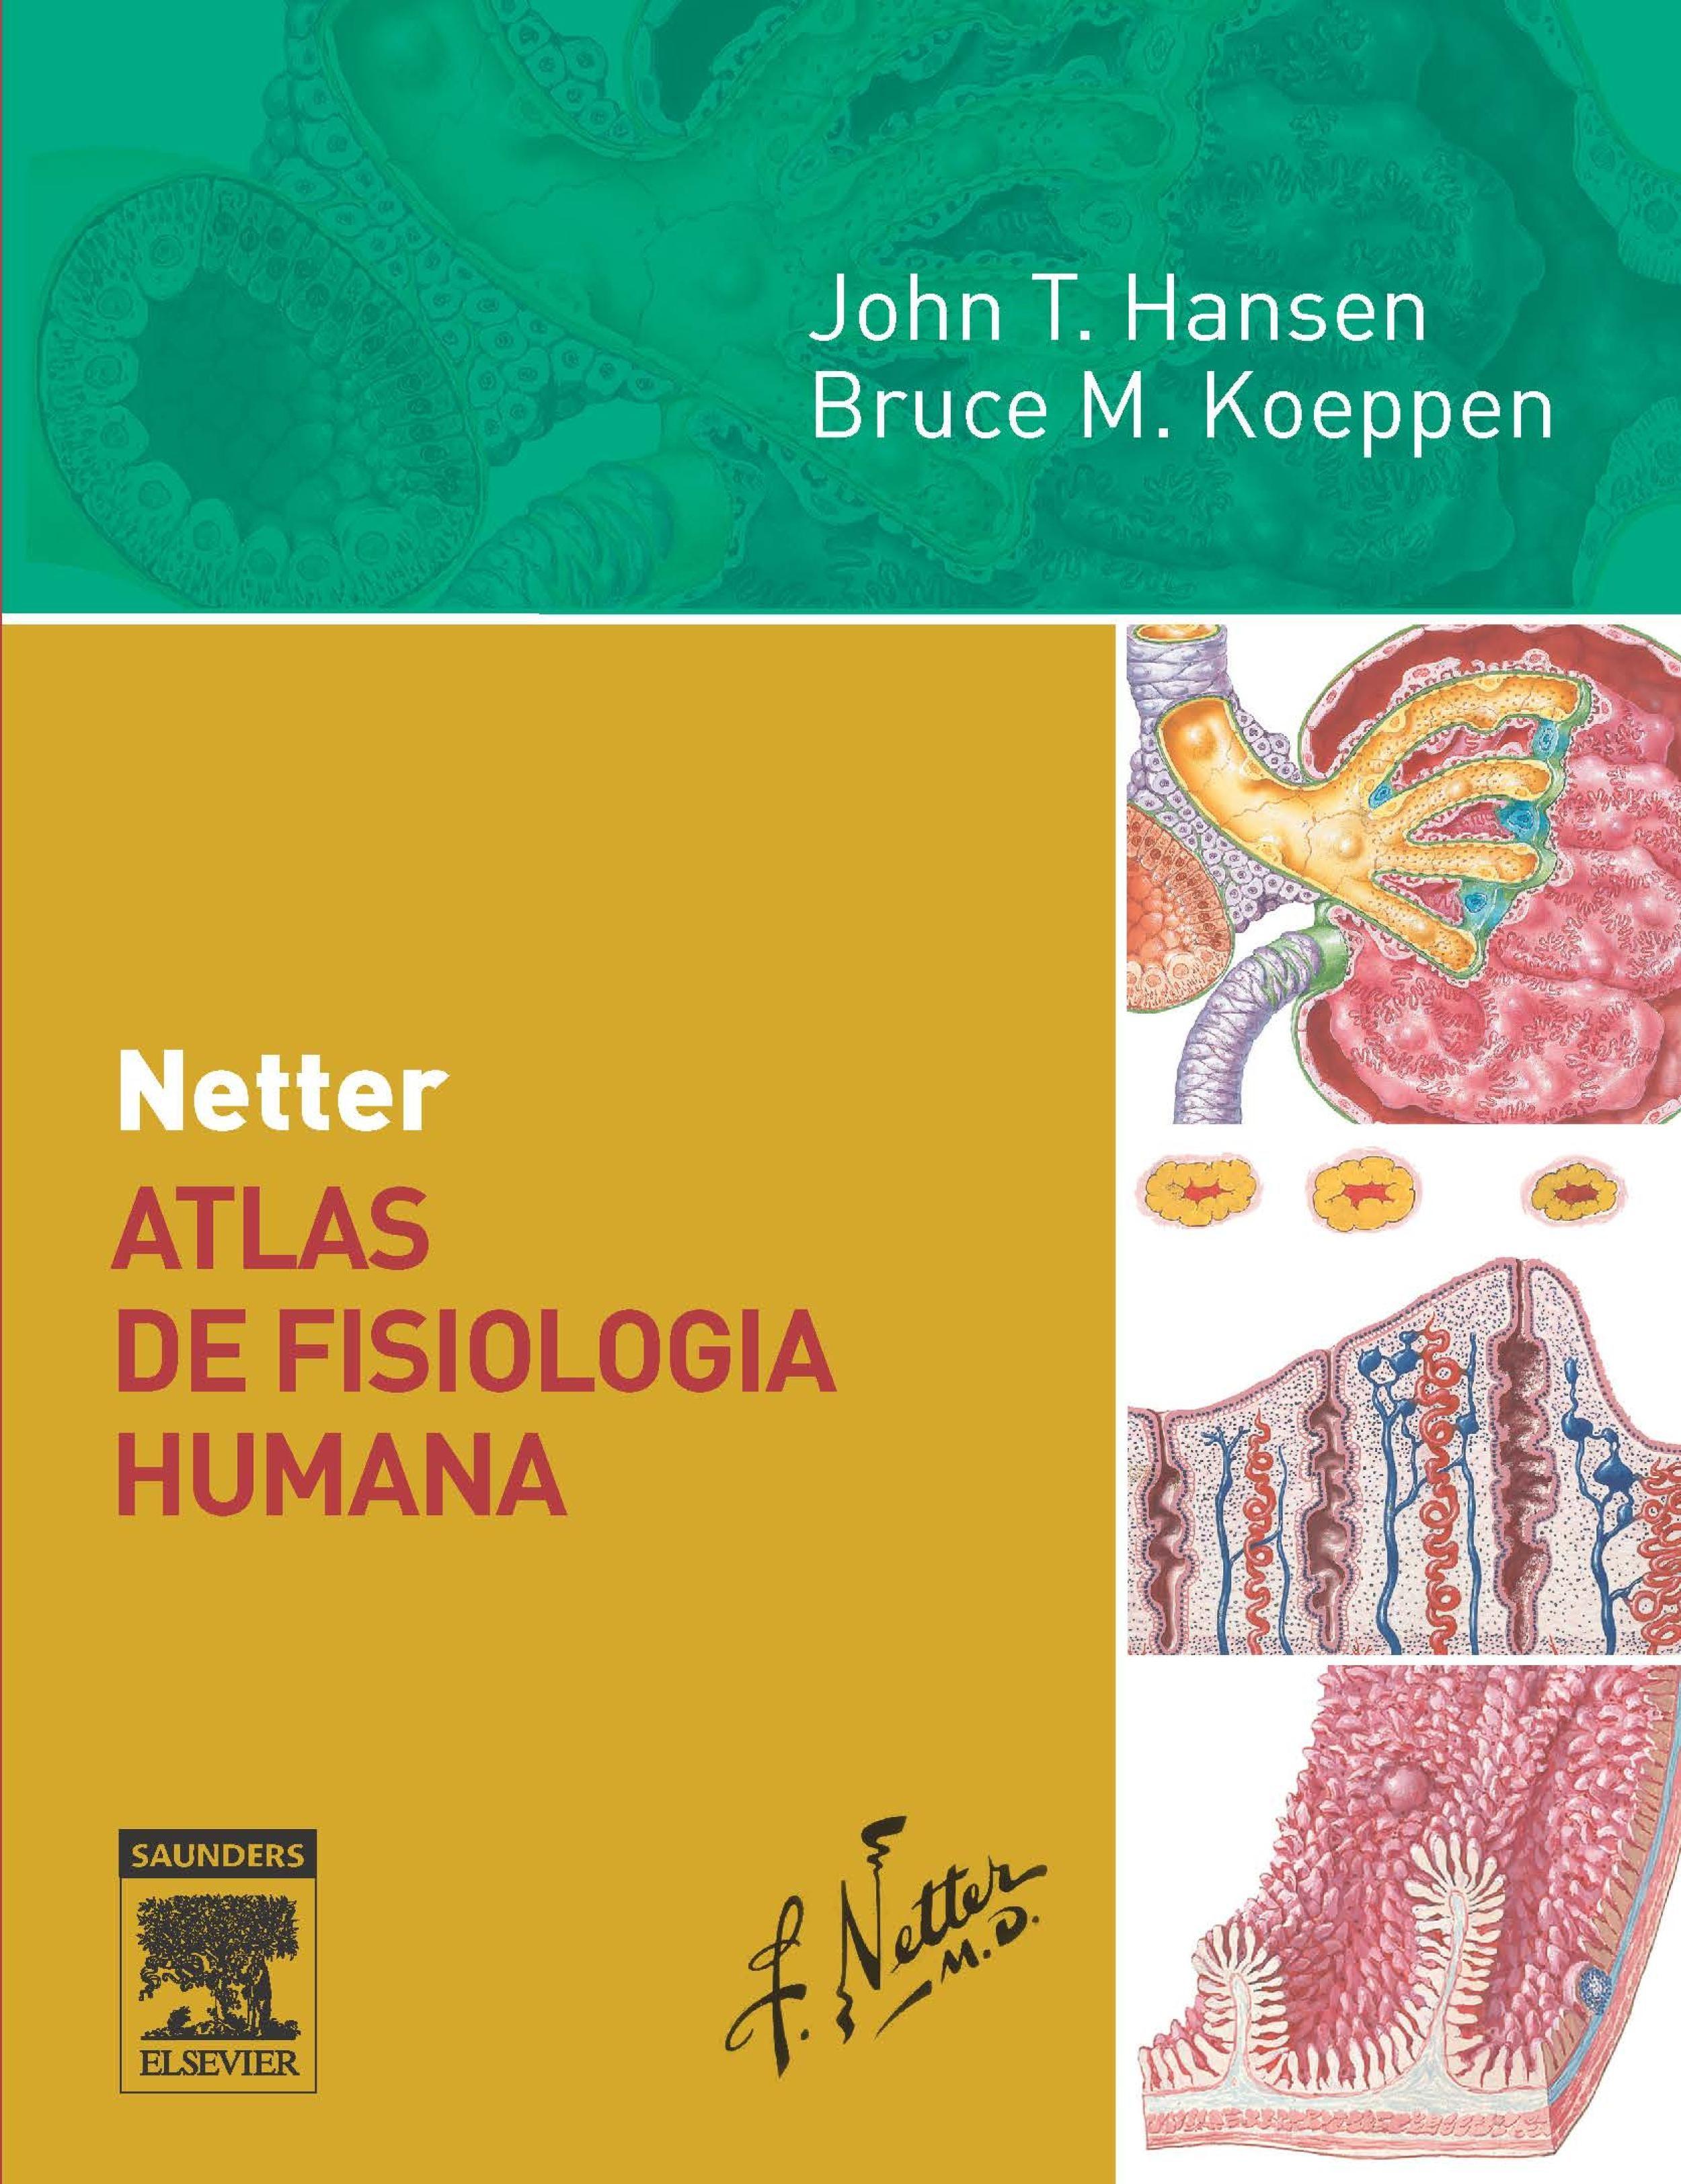 NETTER ATLAS DE FISIOLOGIA HUMANA EBOOK | JOHN HANSEN | Descargar ...